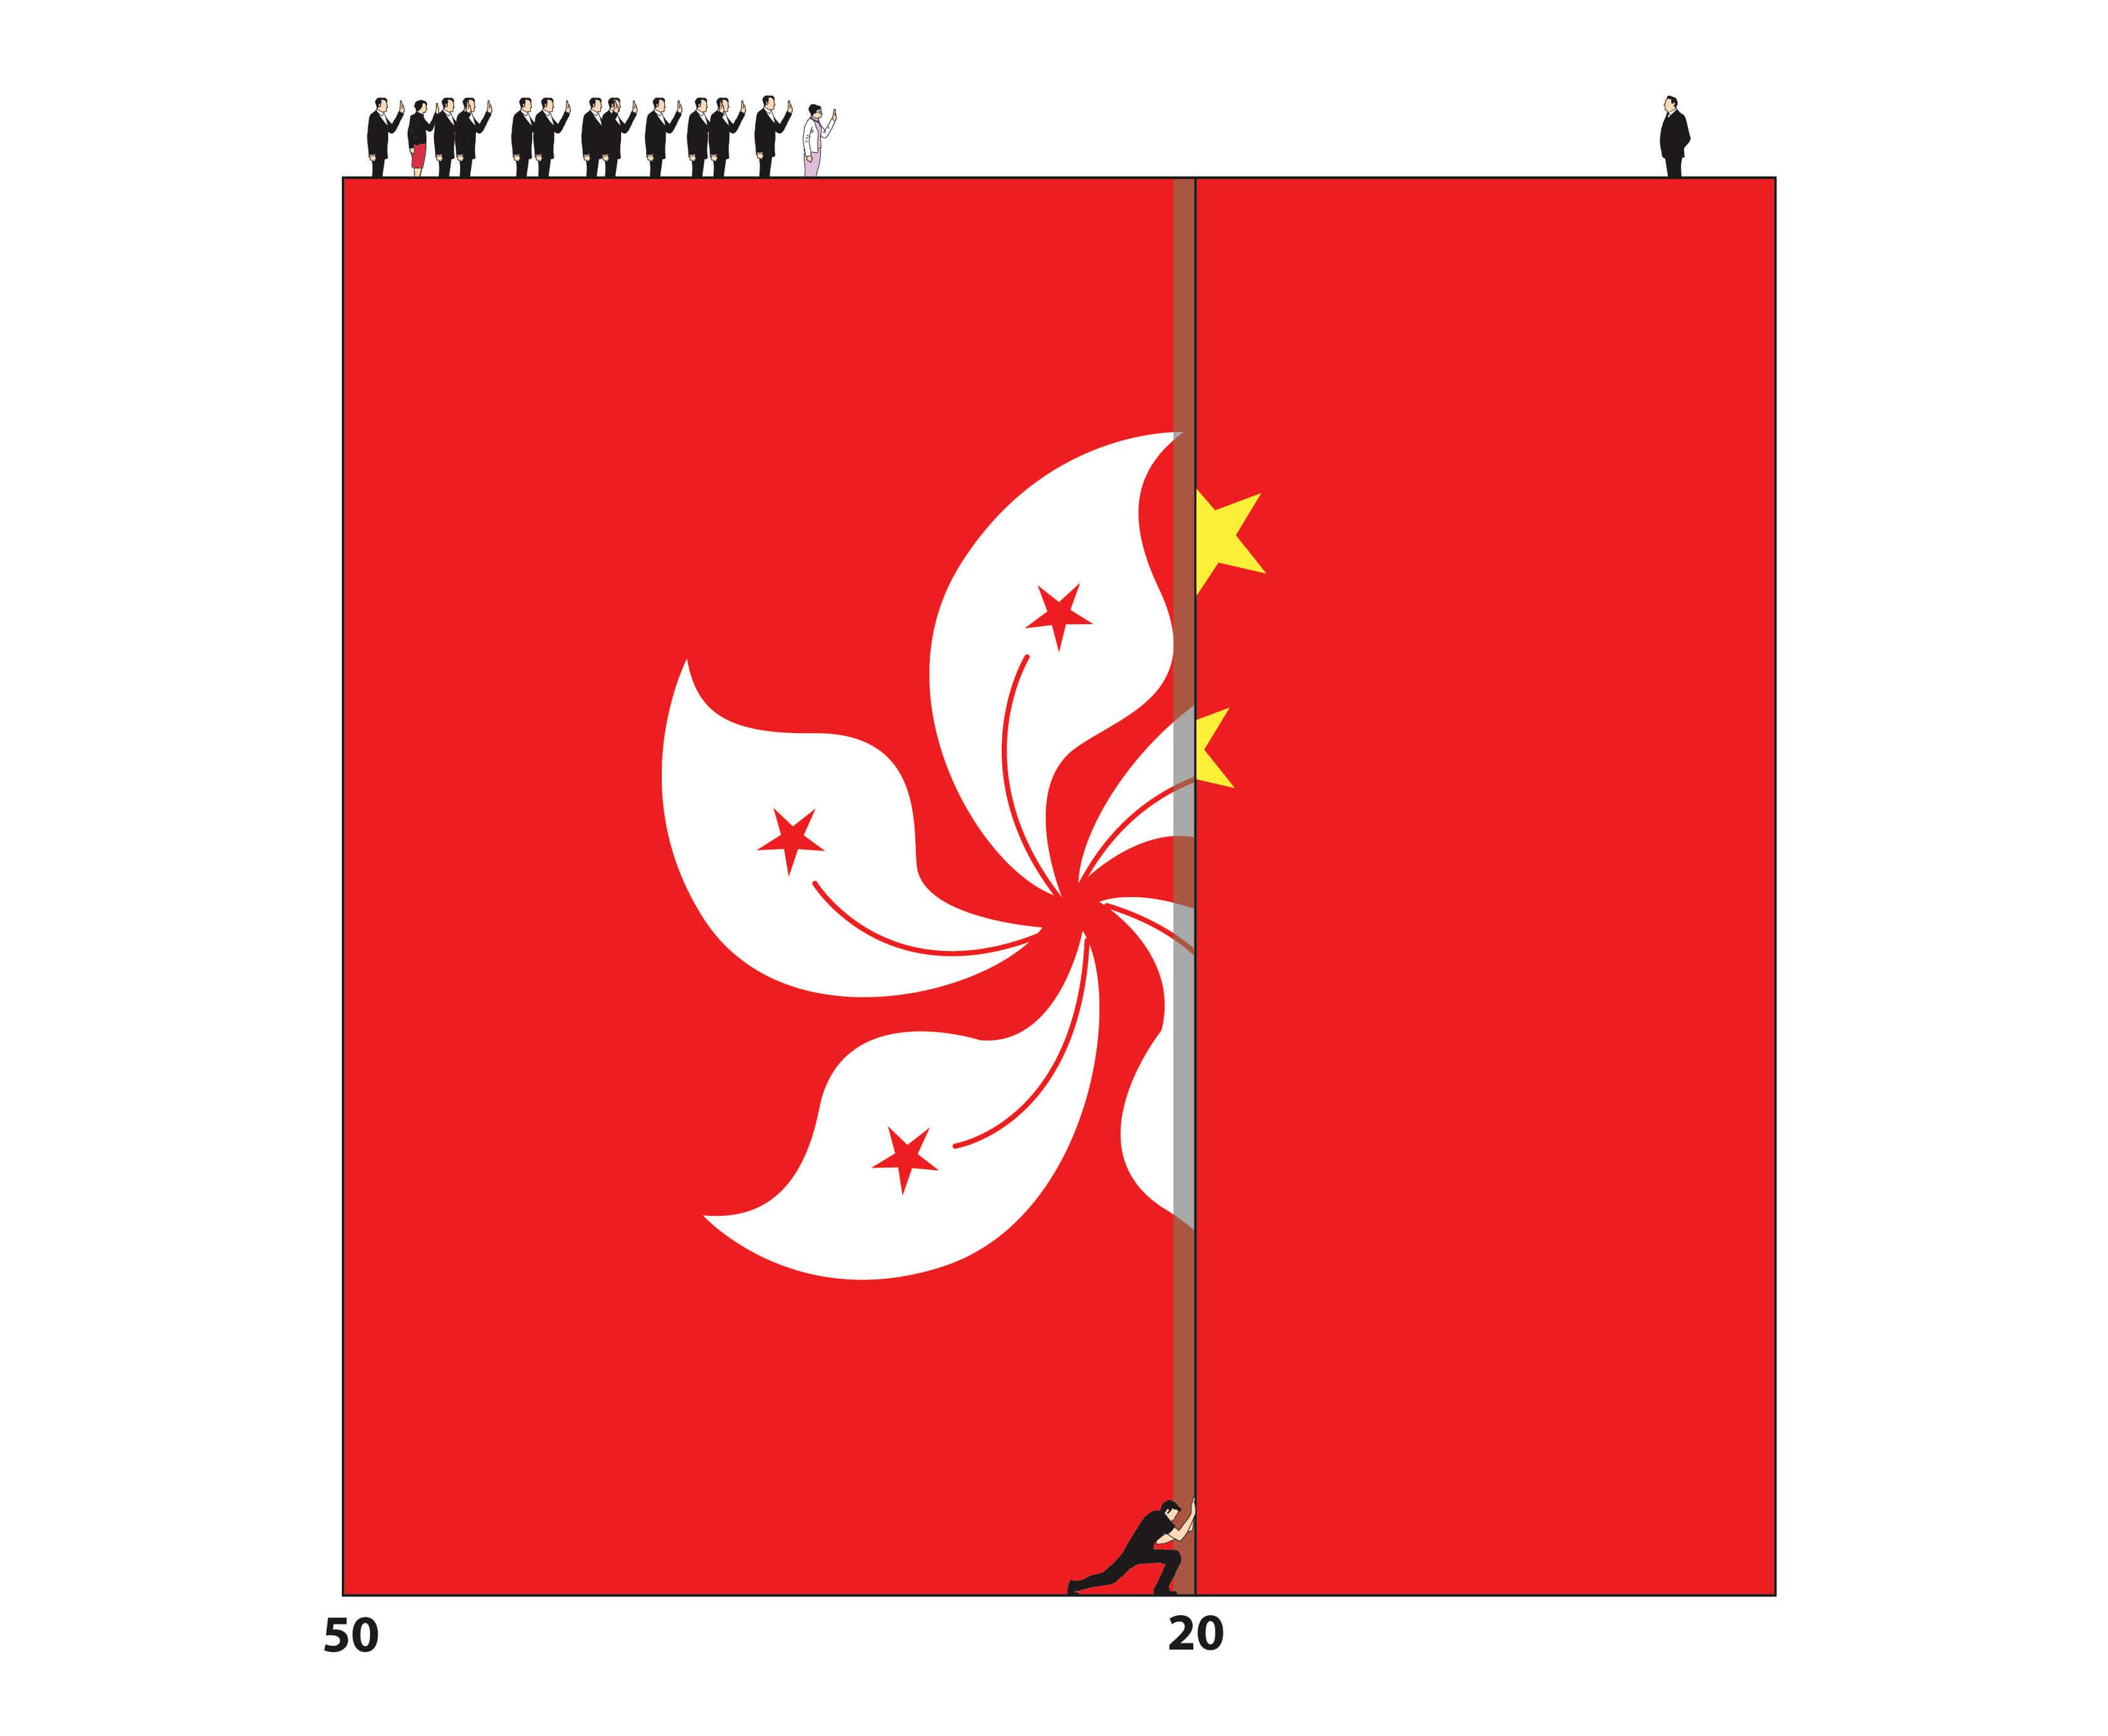 黃照達的漫畫風格簡約卻極具感染力,2017年6月25日他為《明報》《星期日生活》設計的封面,時值回歸20年,人民在力抗香港逐步染紅。